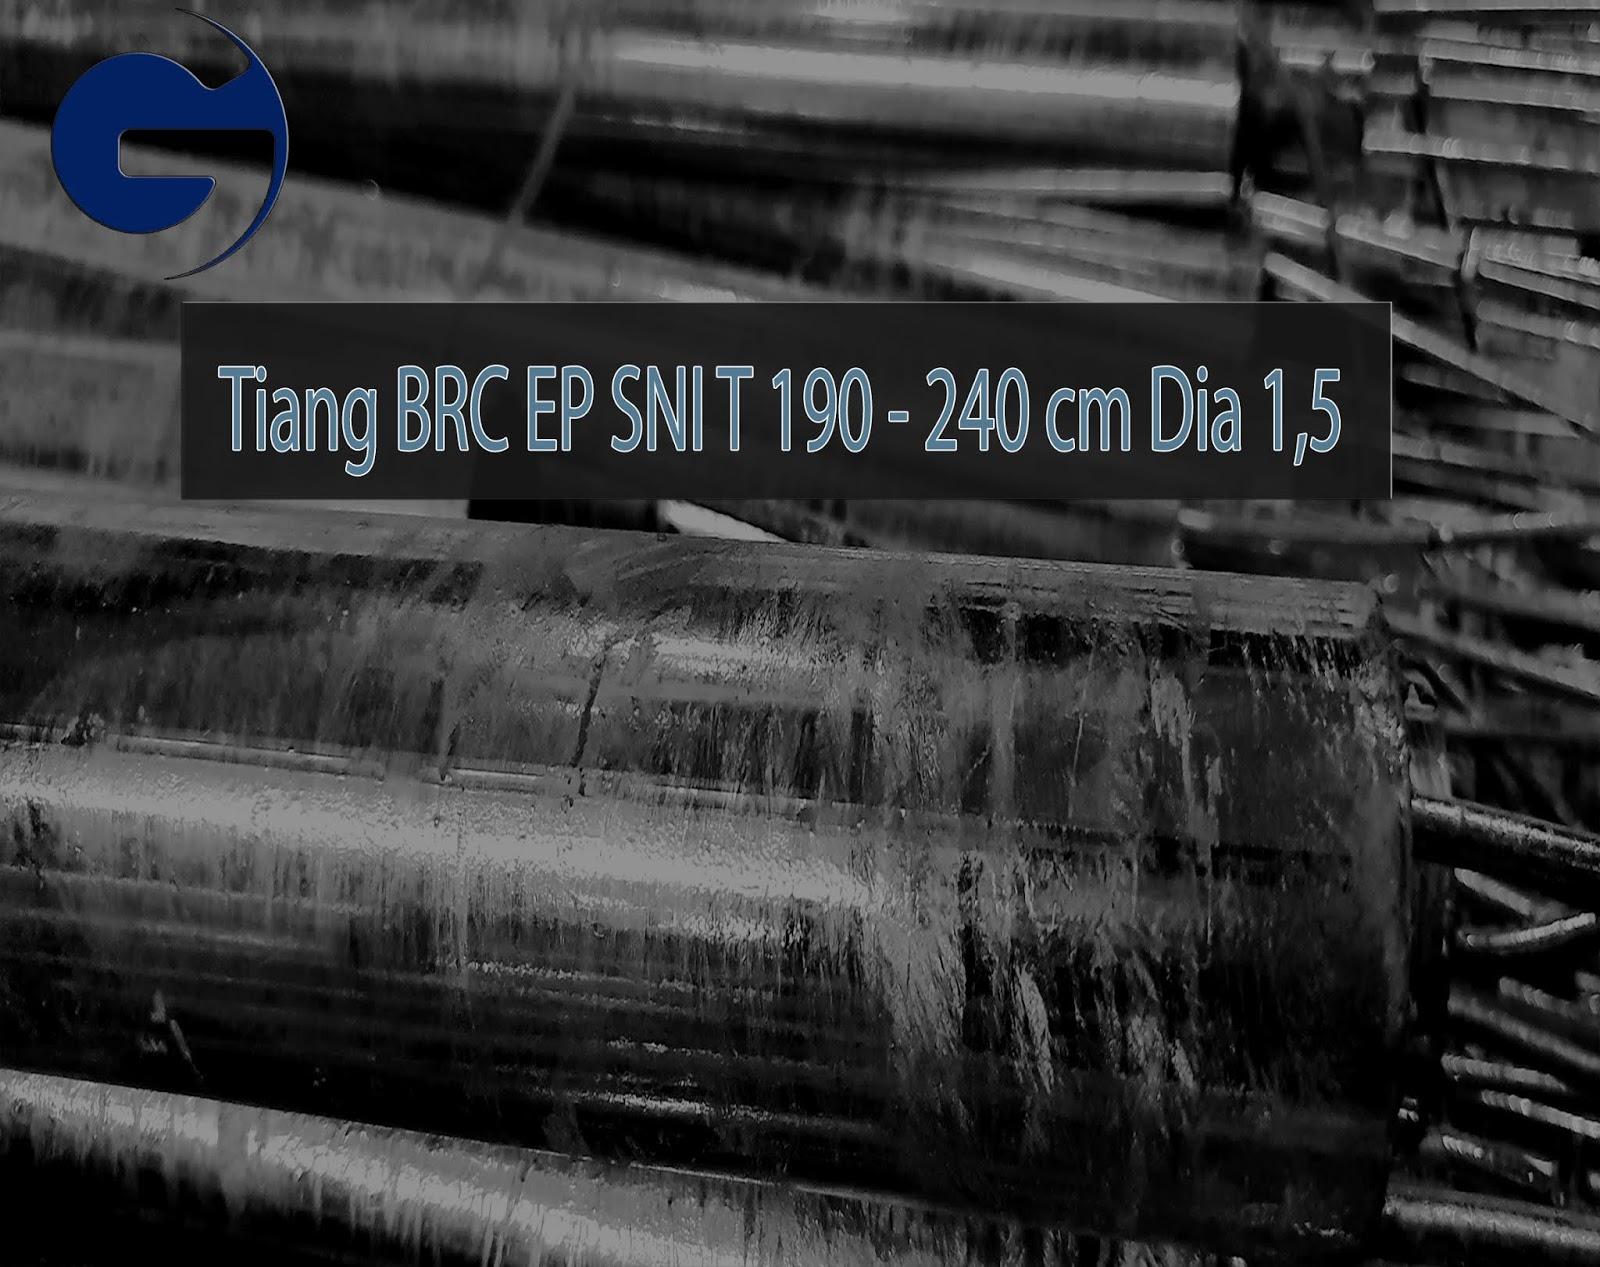 Jual Tiang BRC EP SNI T 240 CM Dia 1,5 Inch